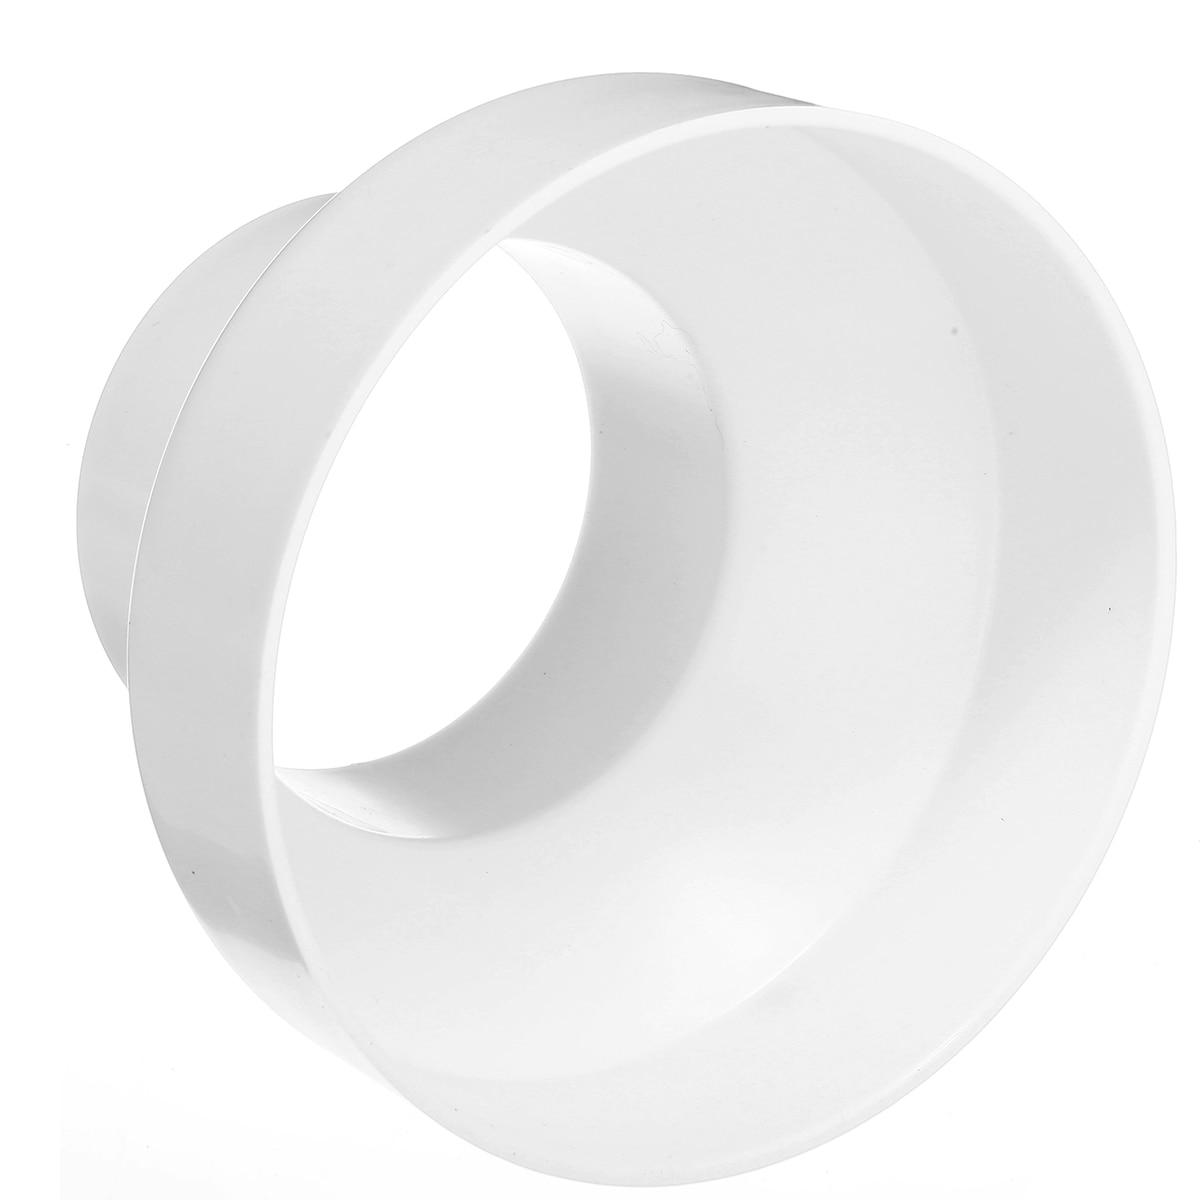 Reductor de tubo de ventilación ABS blanco cabeza redonda junta de tubería/Adaptador conector de tubería de PVC tamaño 150mm a 100mm